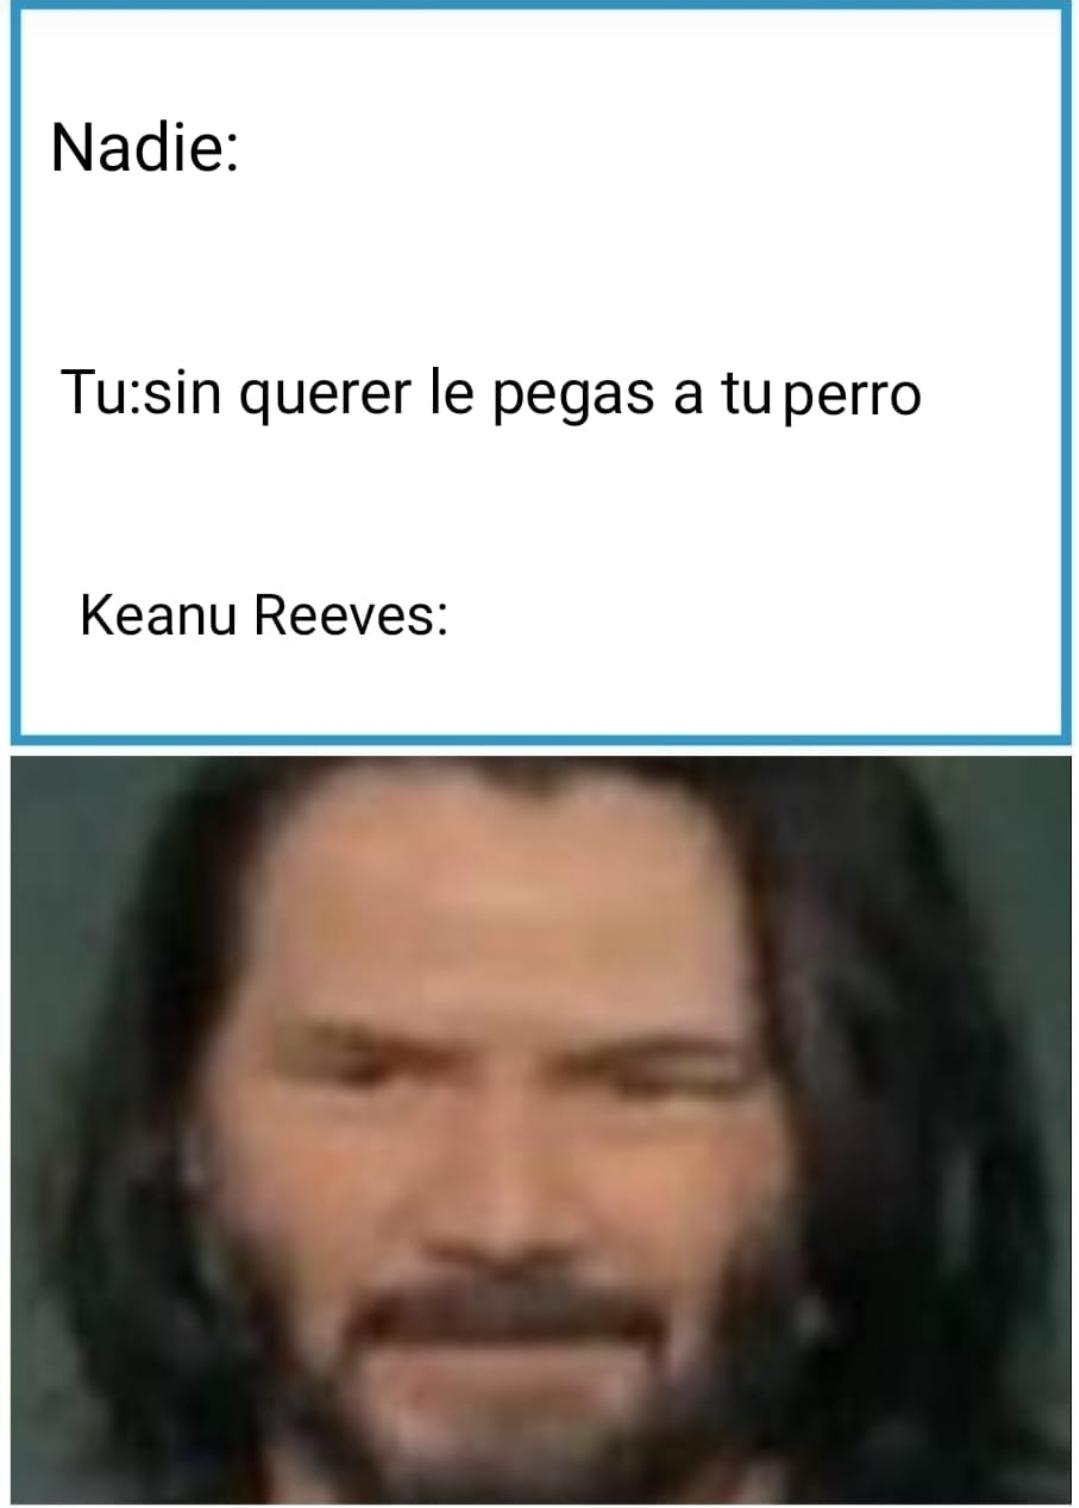 Este meme es perfecto porque tiene a Keanu Revees